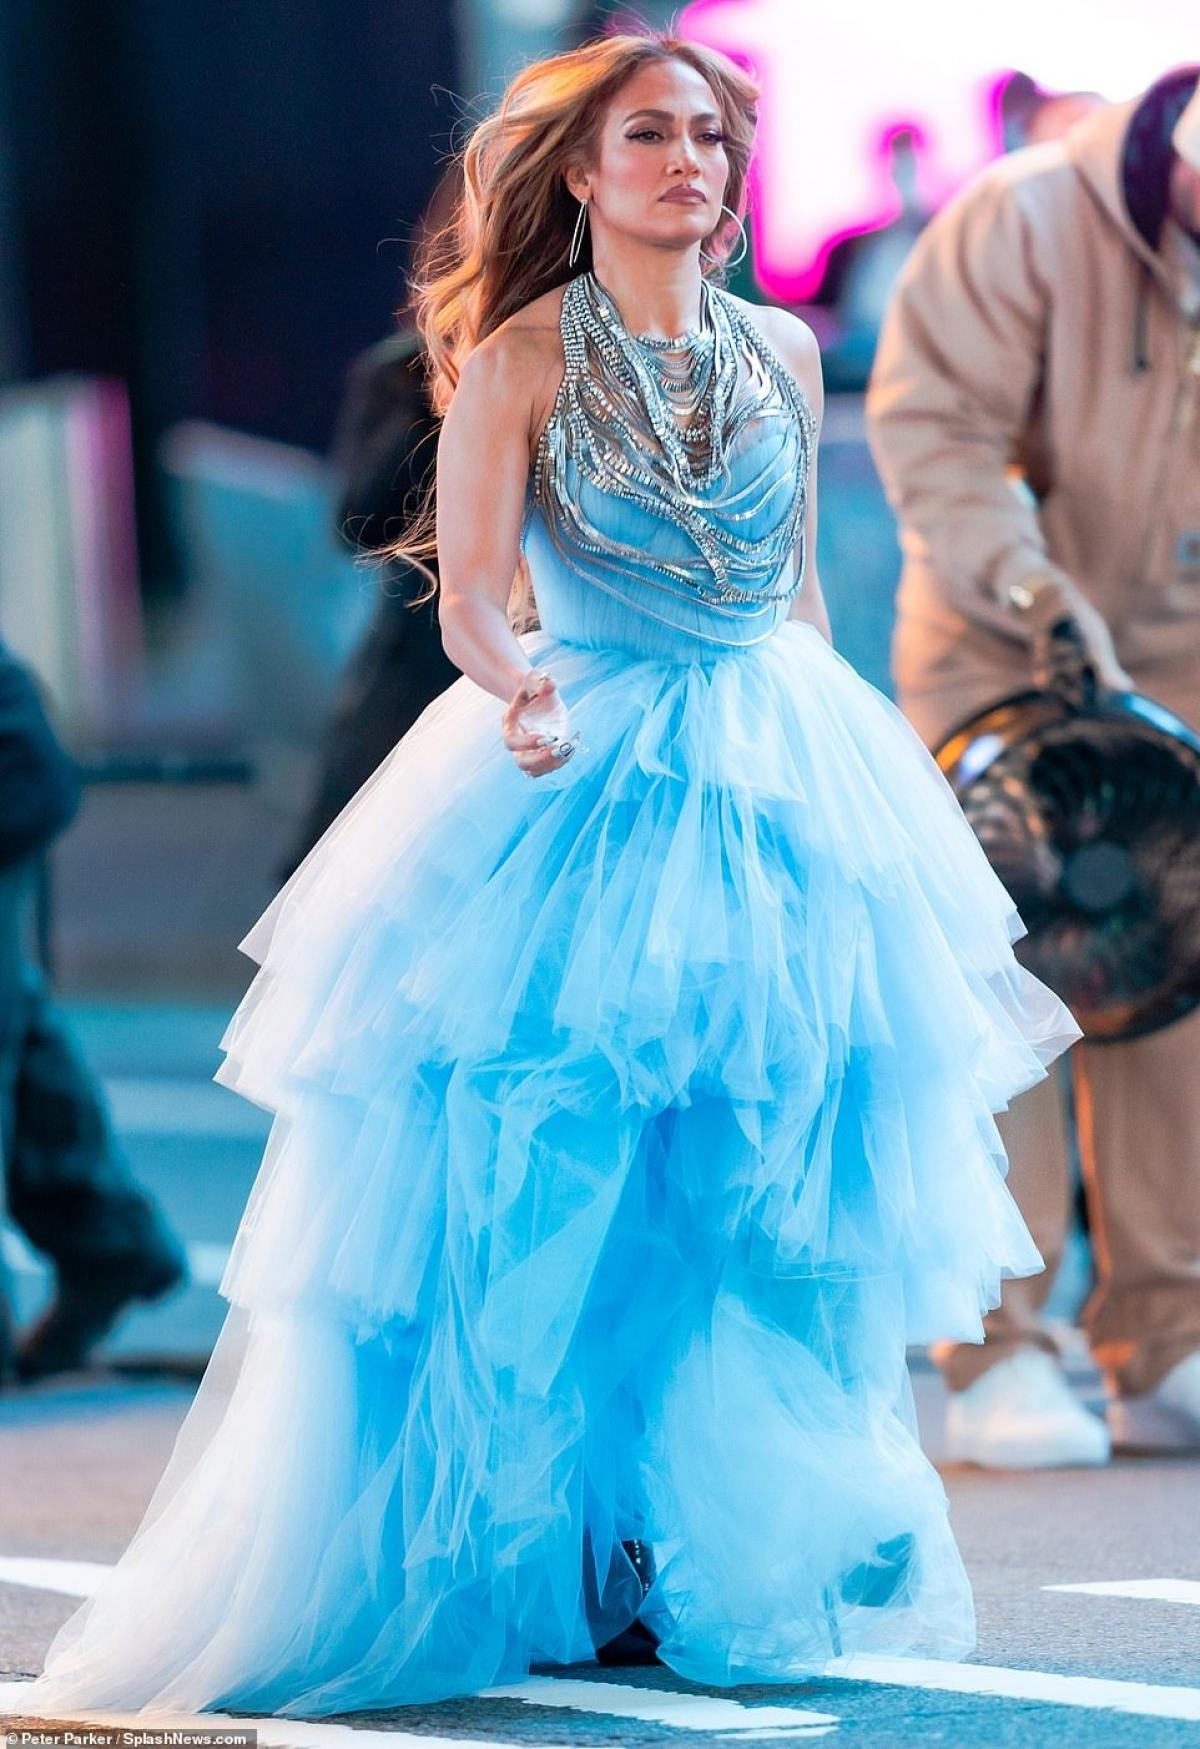 Trong thời gian qua, Jennifer Lopez chăm chỉ luyện thanh để chuẩn bị thật tốt cho màn trình diễn sắp tới.